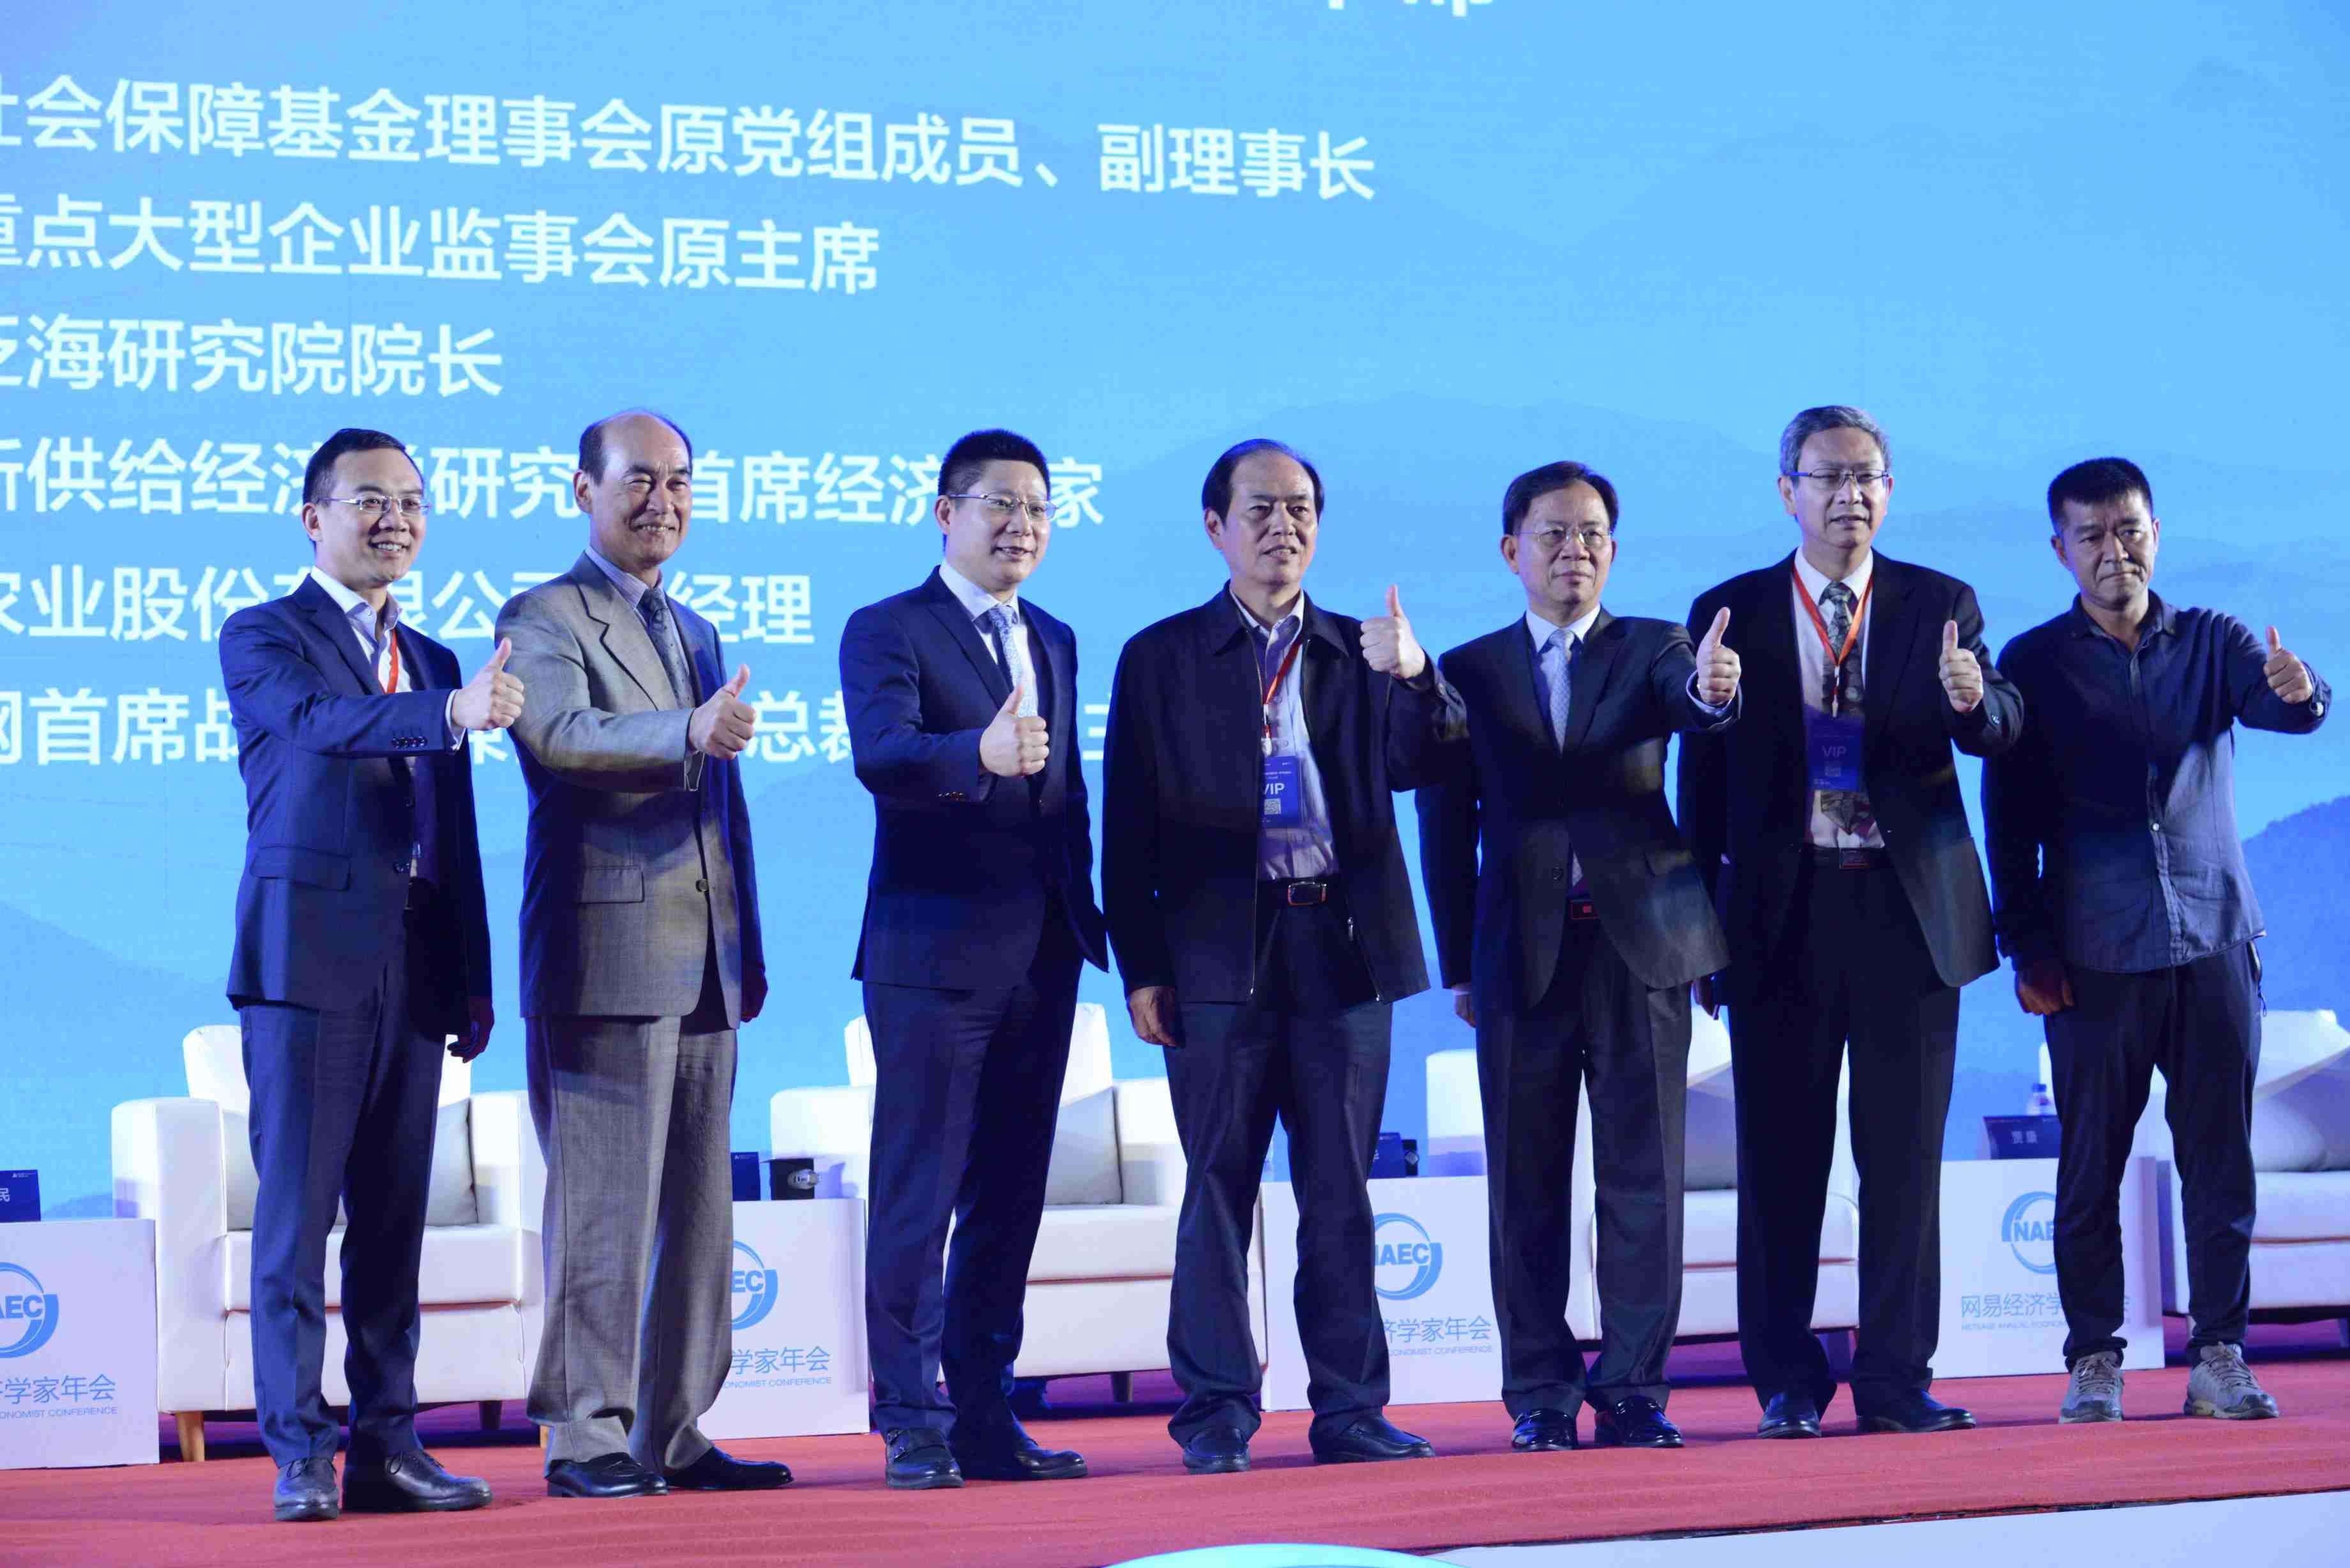 王忠民等大咖加入网易研究局 为中国经济建言献策